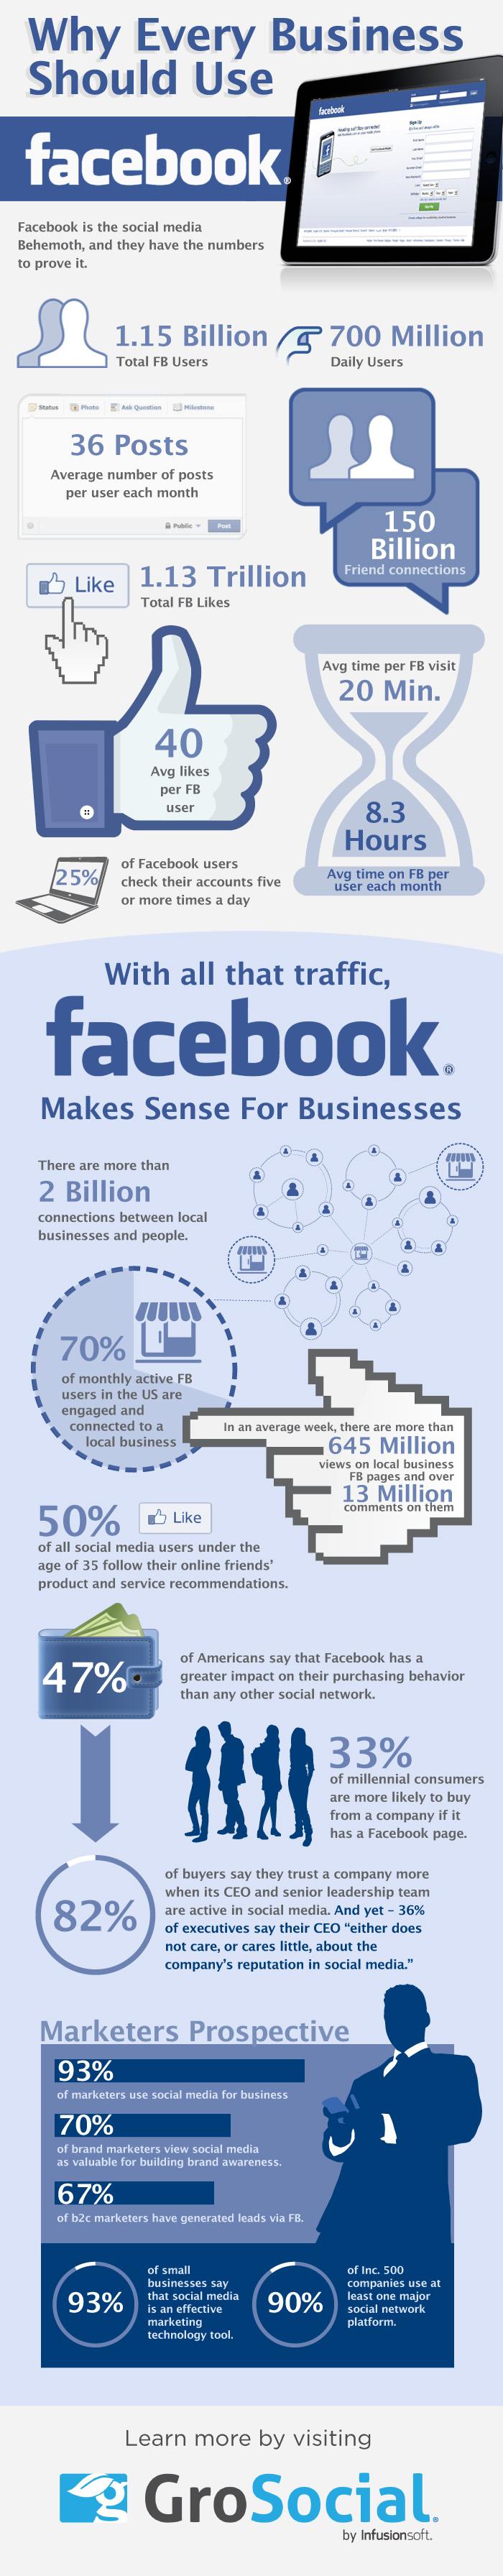 Por qué las empresas debe usar FaceBook #infografia #infographic #socialmedia - TICs y Formación